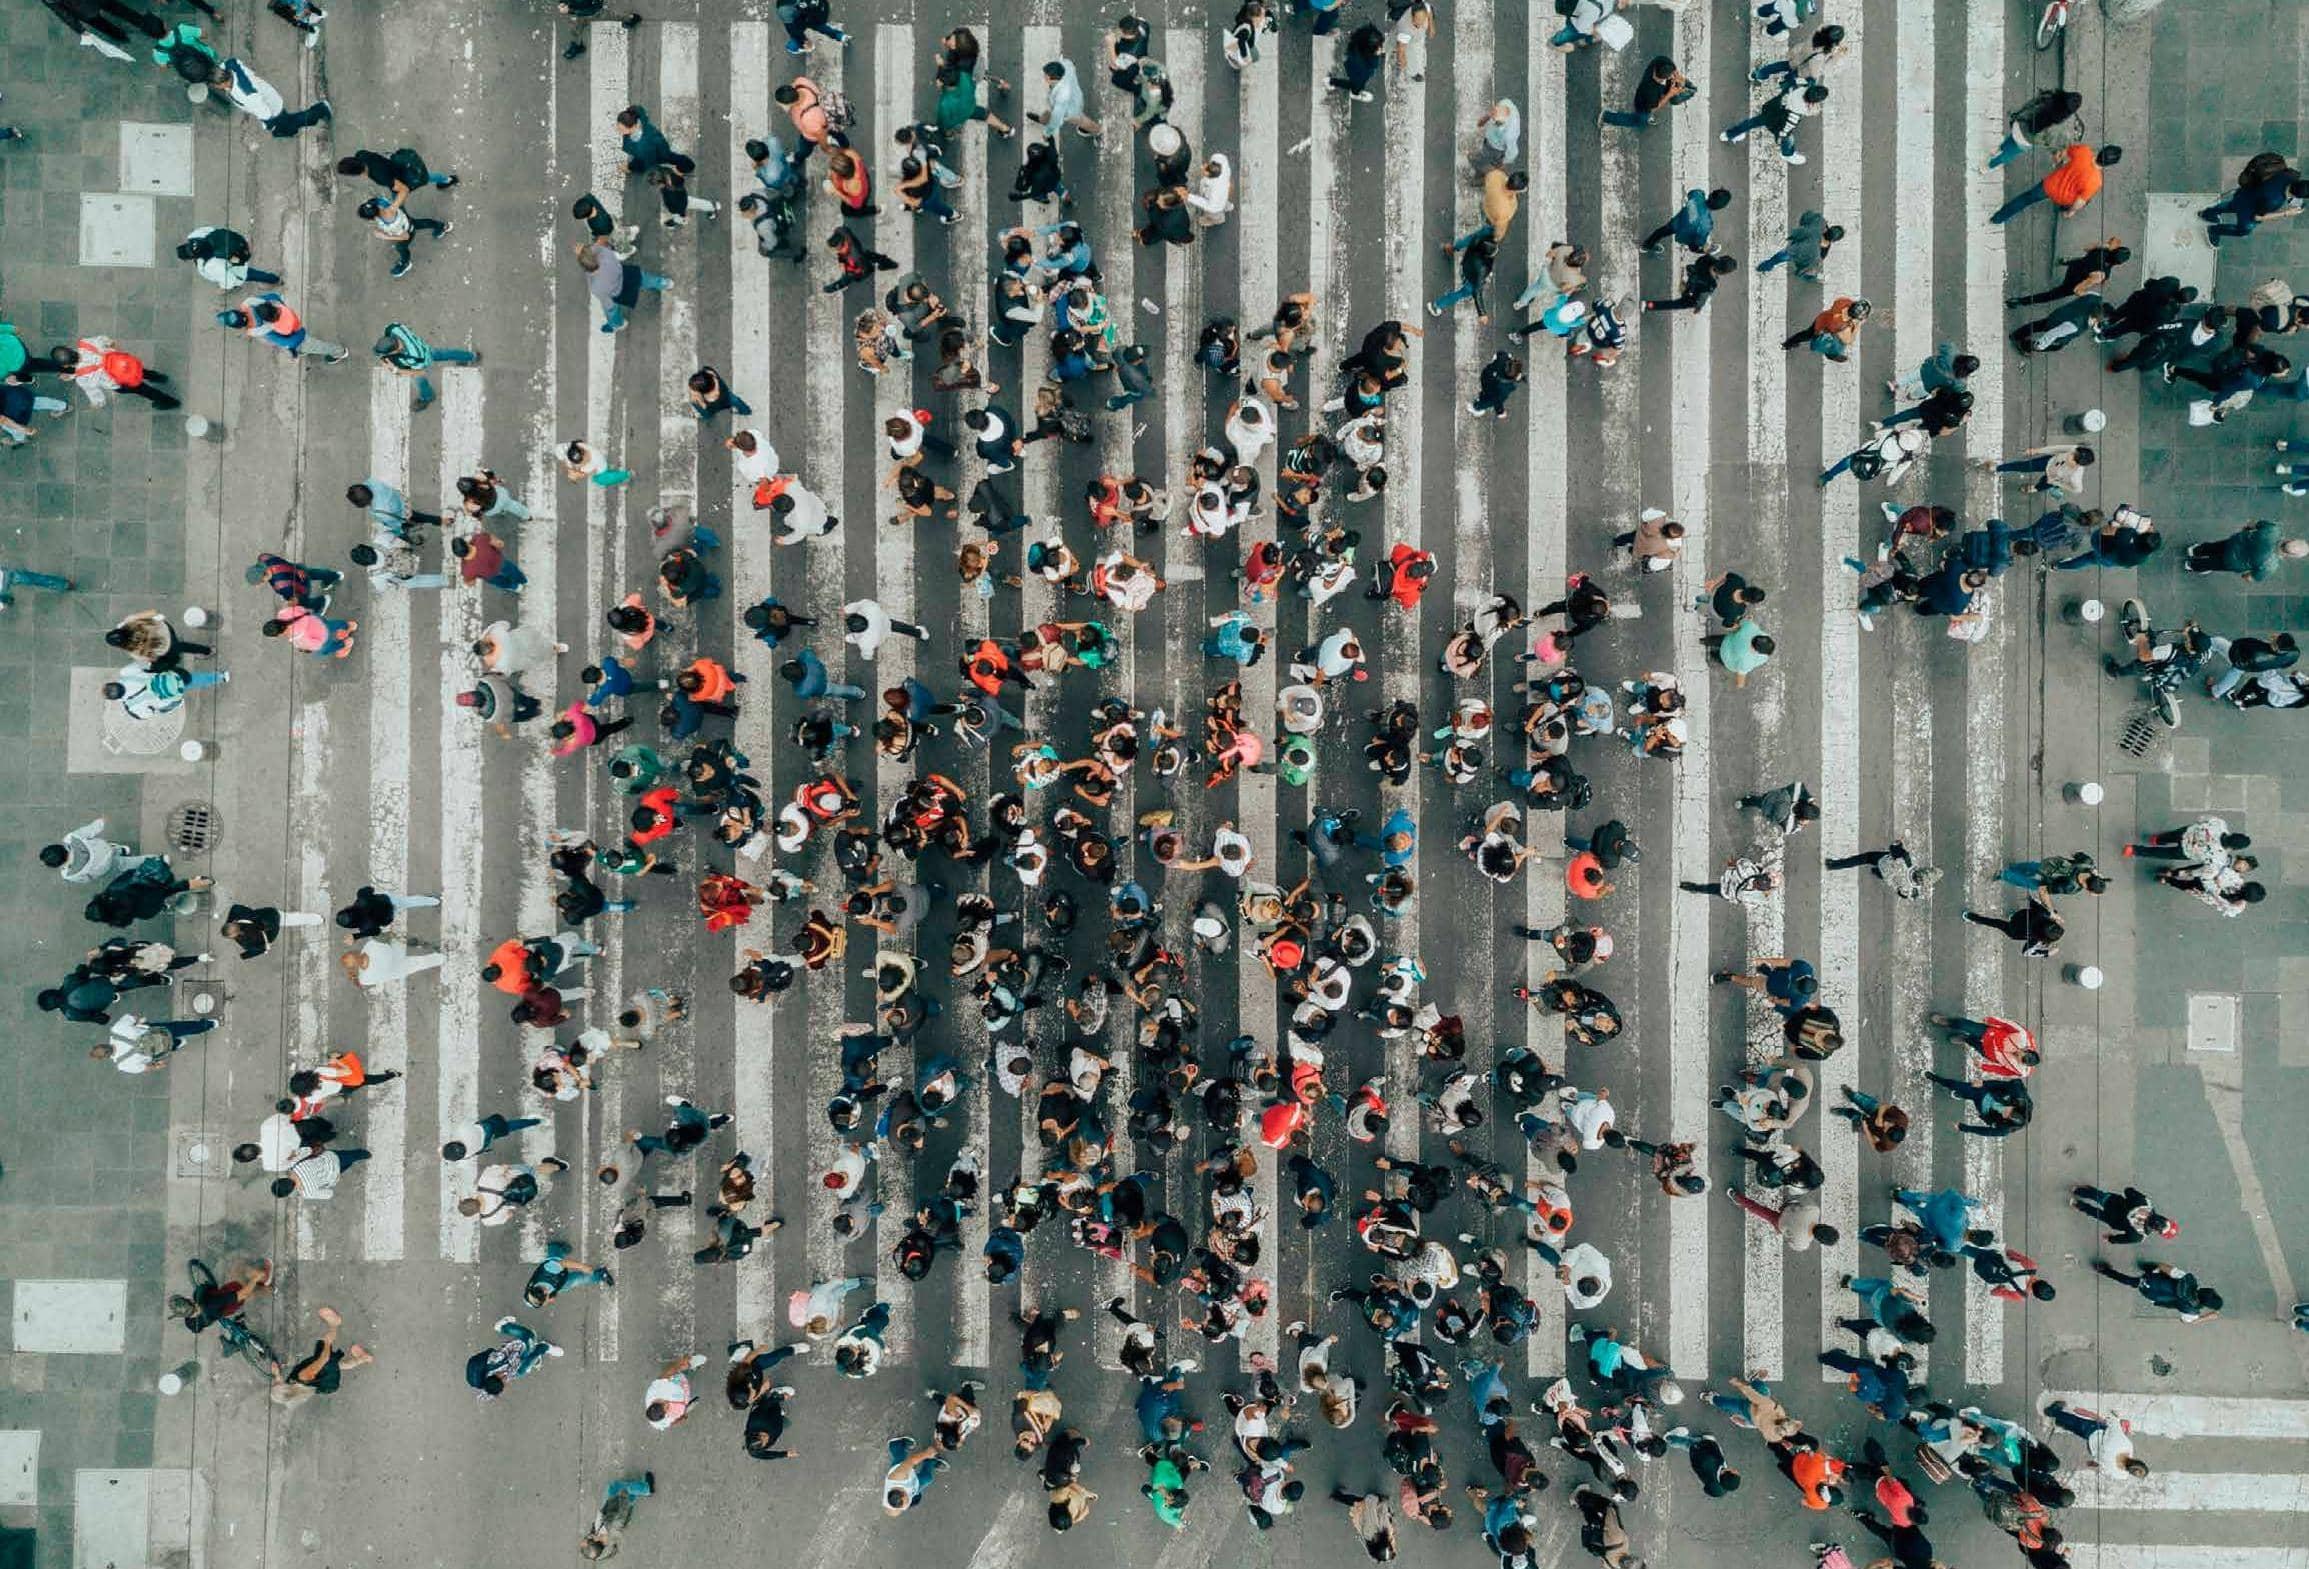 ¿Cuántas personas en esta multitud se sienten solas?